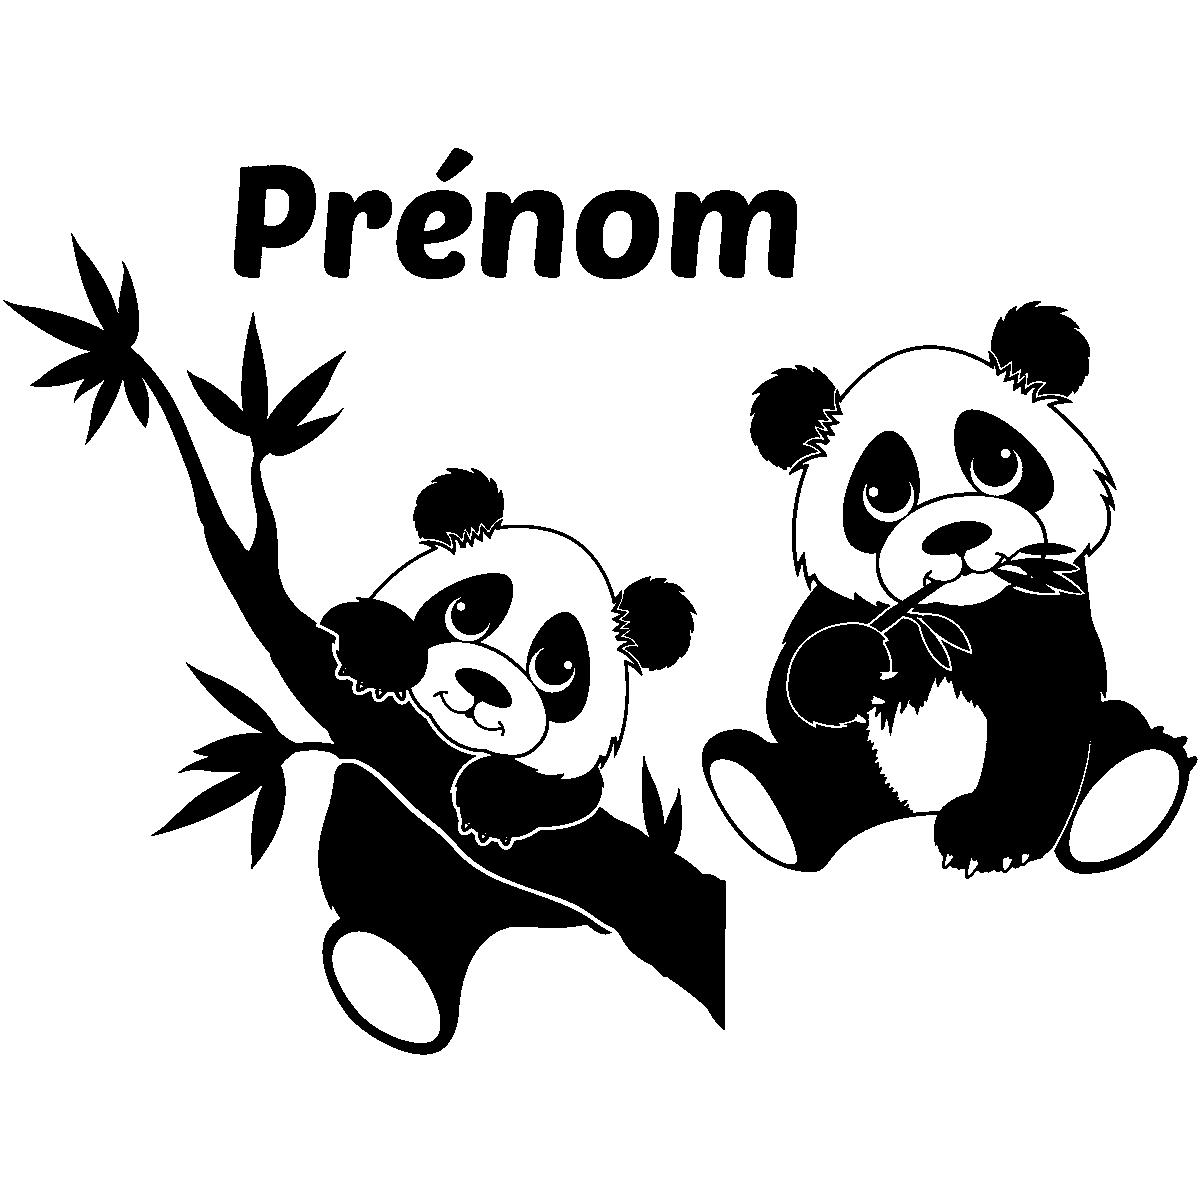 sticker pr nom personnalisable deux adorables pandas. Black Bedroom Furniture Sets. Home Design Ideas